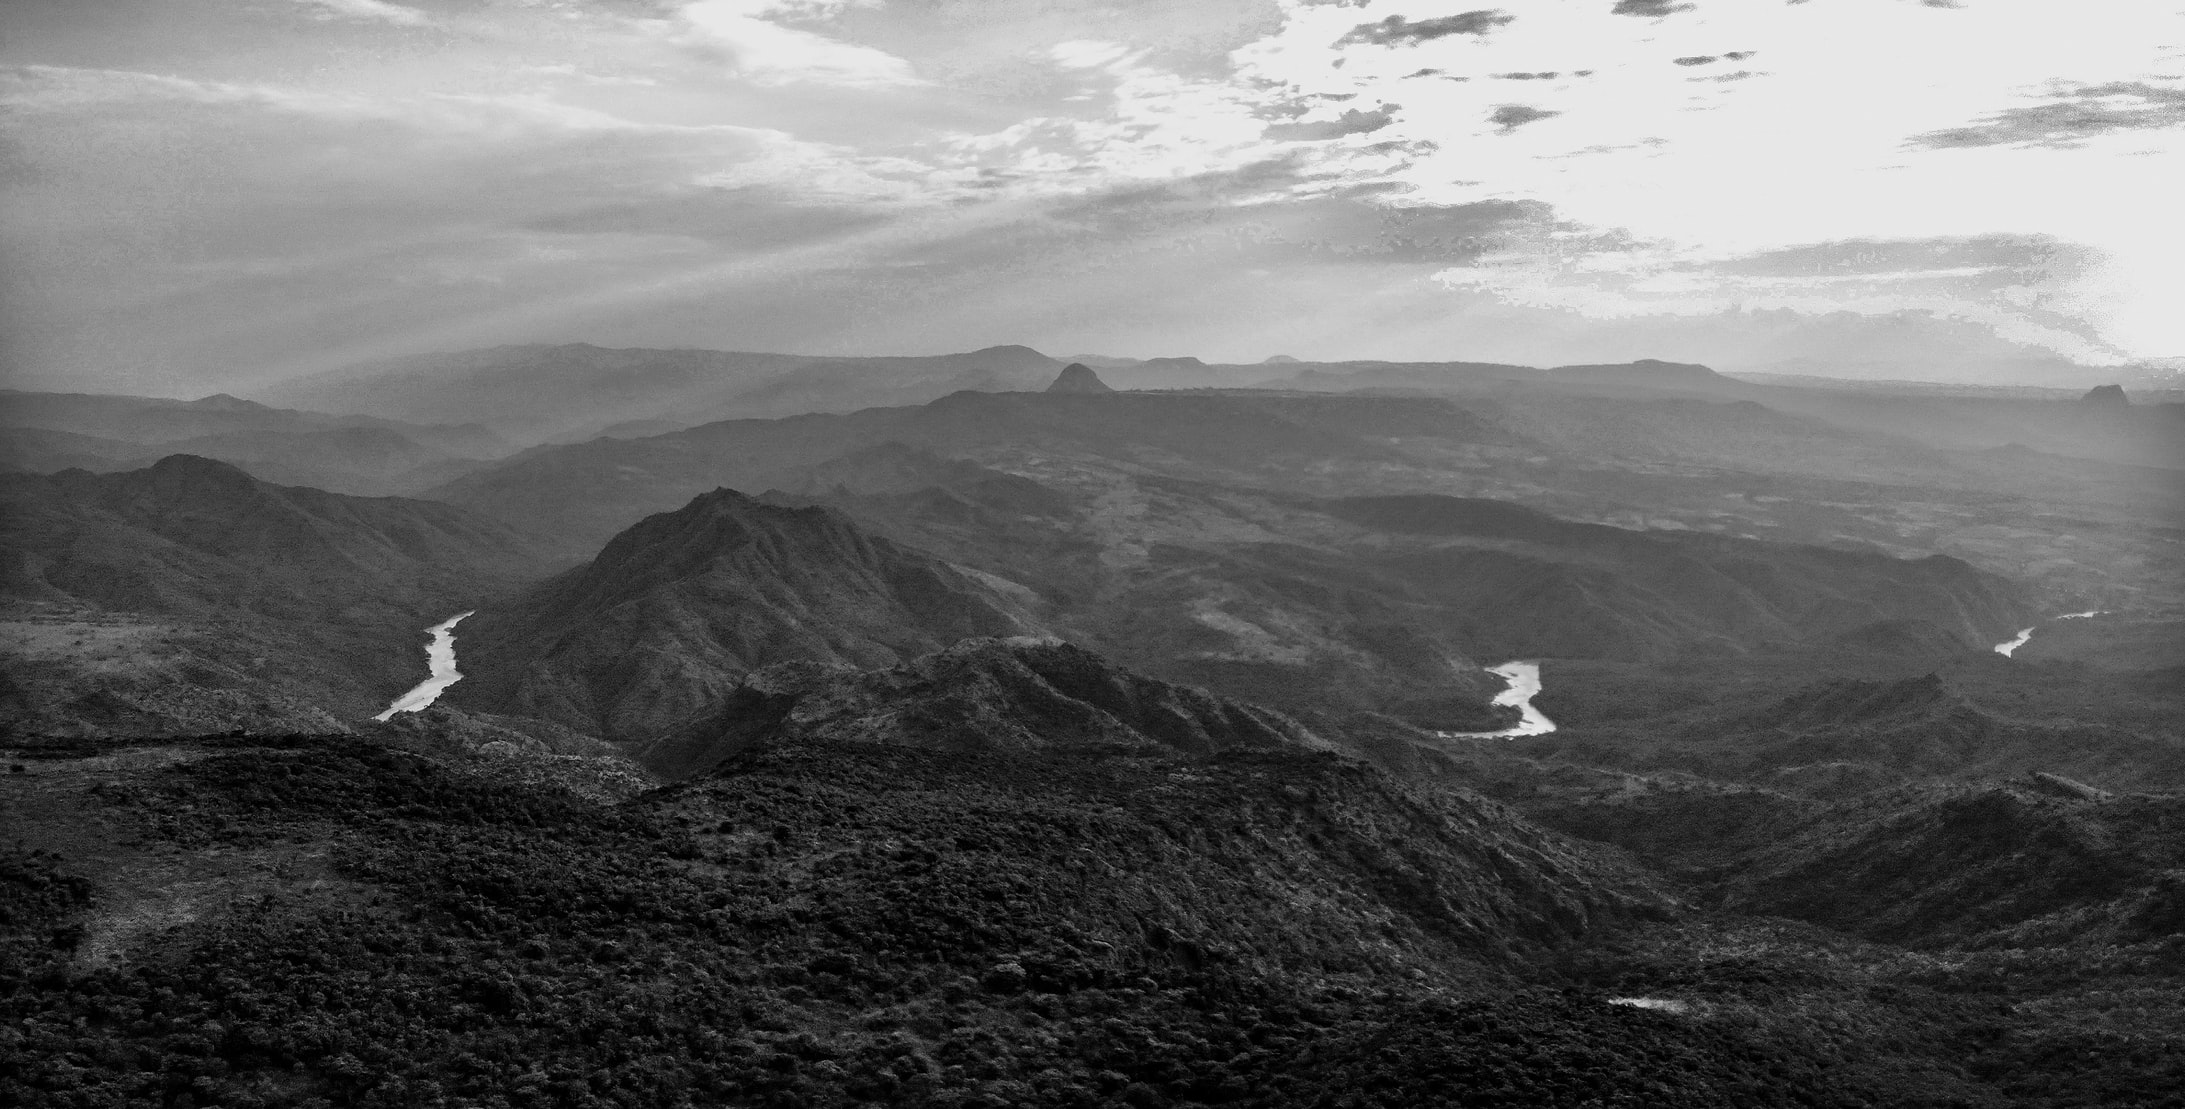 Schwarz-Weiß Bild einer äthiopischen Landschaft